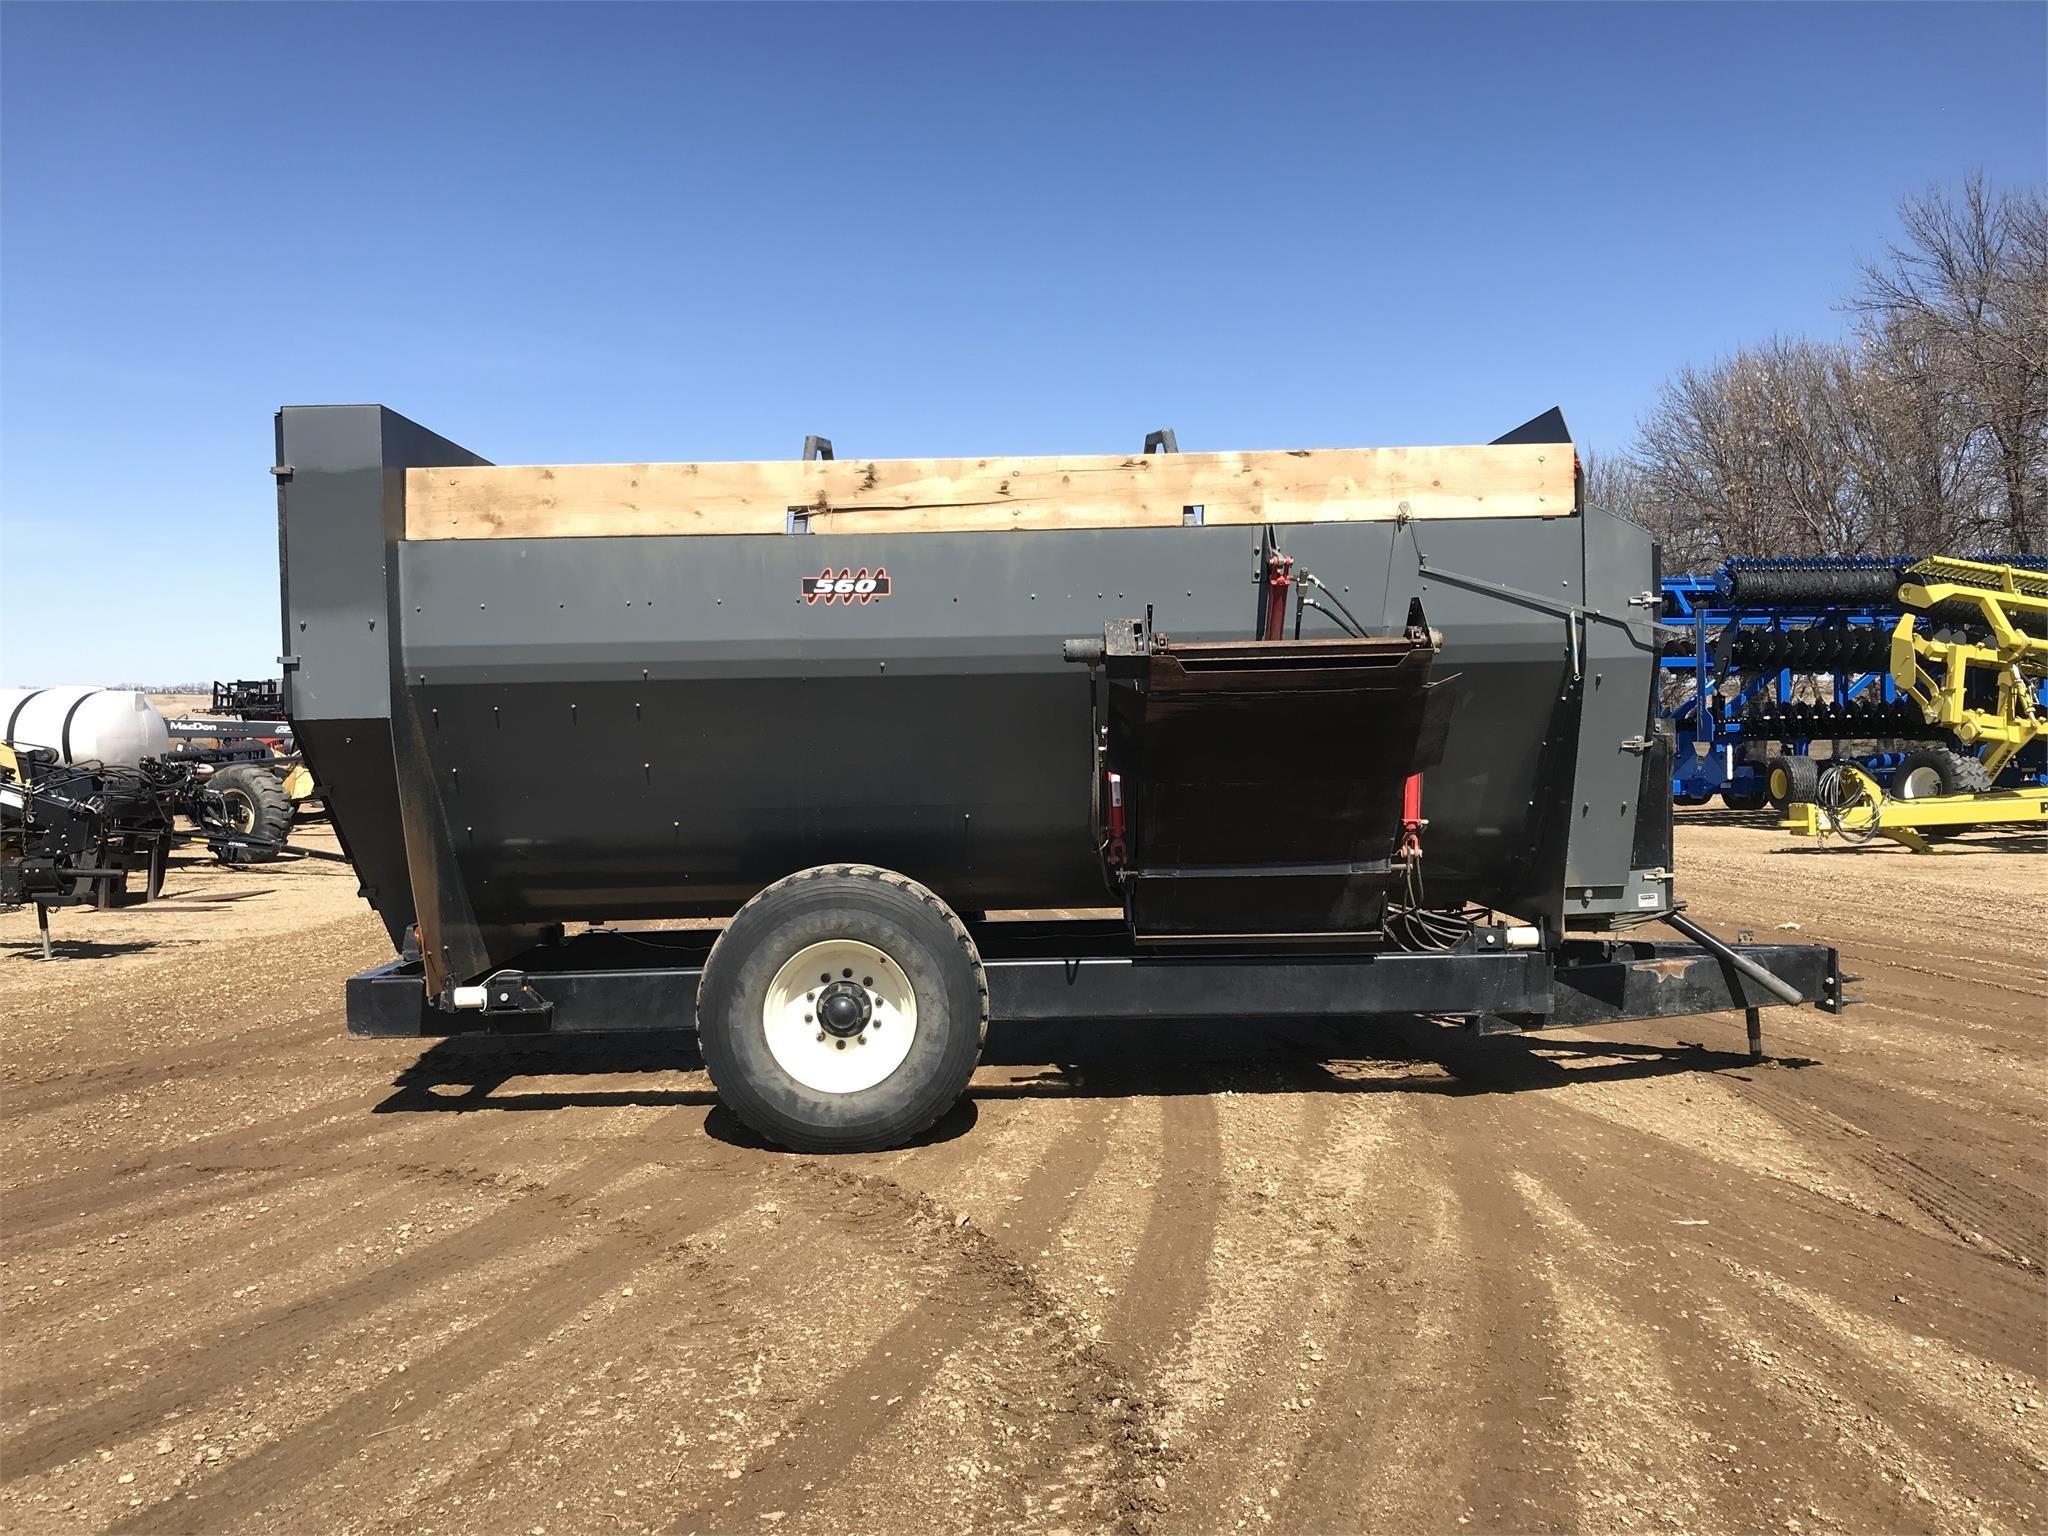 2018 Farm Aid 560 Feed Wagon